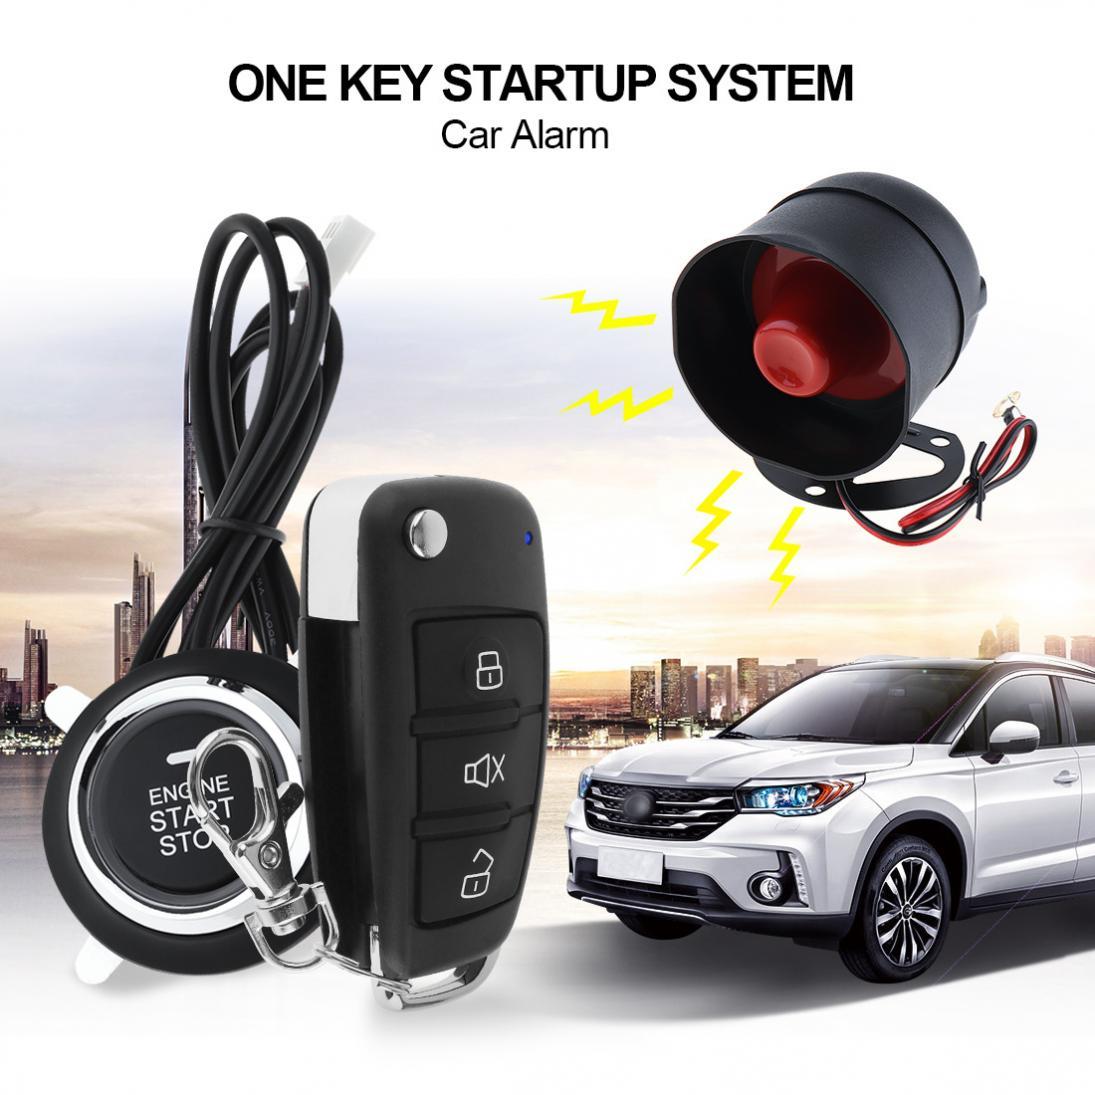 Système d'alarme de voiture universel système d'arrêt de démarrage à distance avec verrouillage Central automatique et entrée sans clé